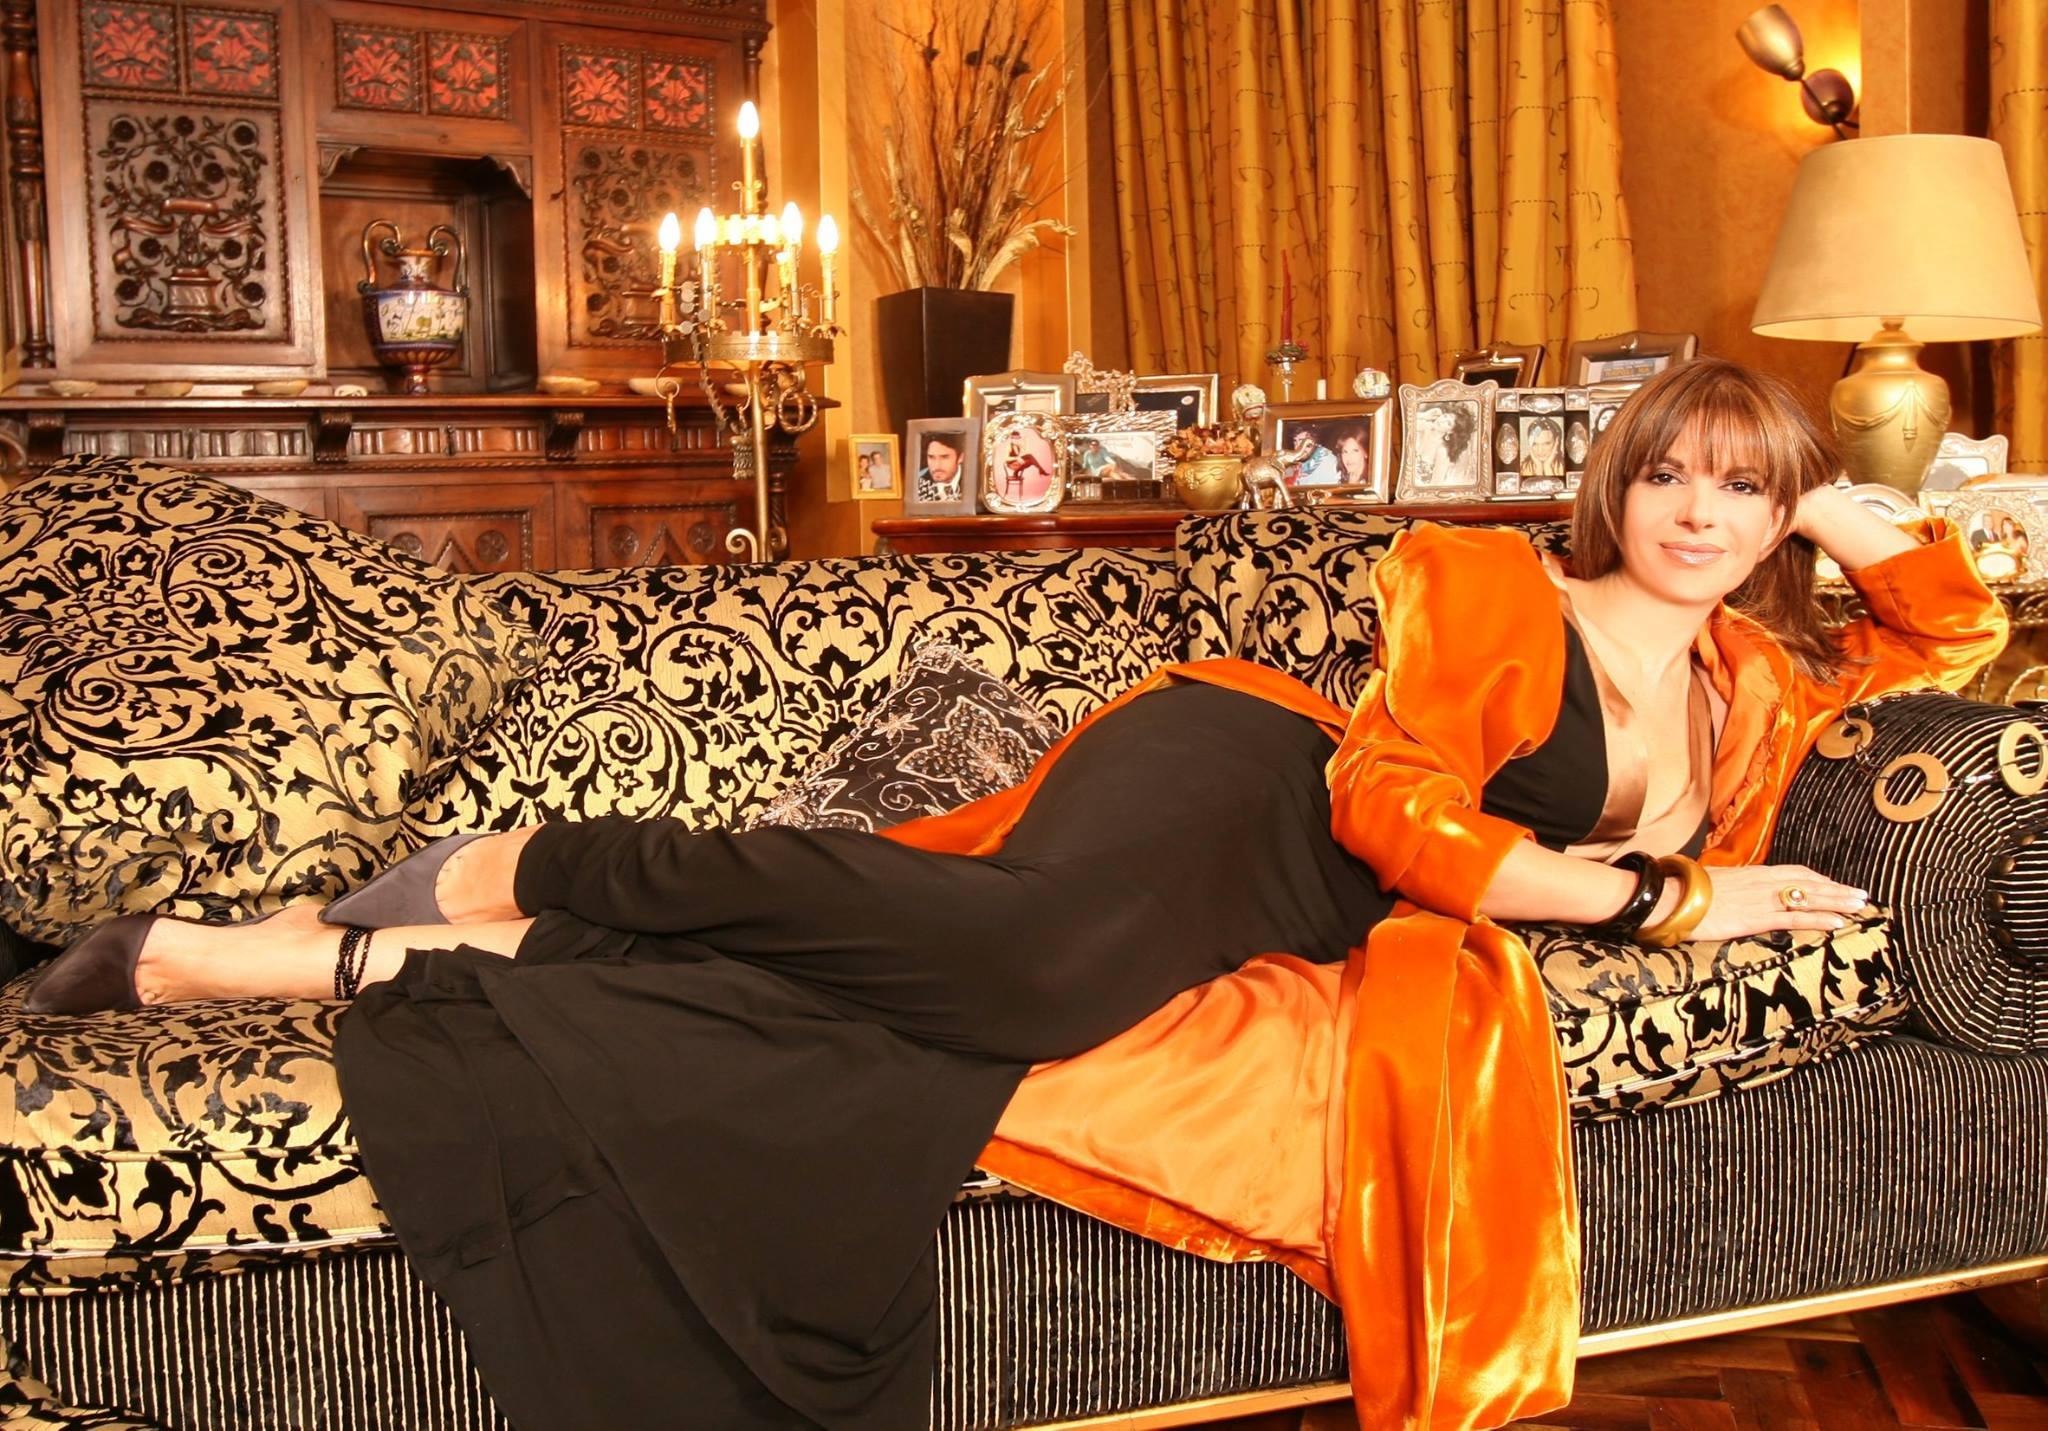 Cari lettori di Mondospettacolo, oggi sono a tu per tu con la splendida Elena Bonelli. Attrice e Cantante Internazionale che si è esibita nei teatri più prestigiosi di oltre 130 […]